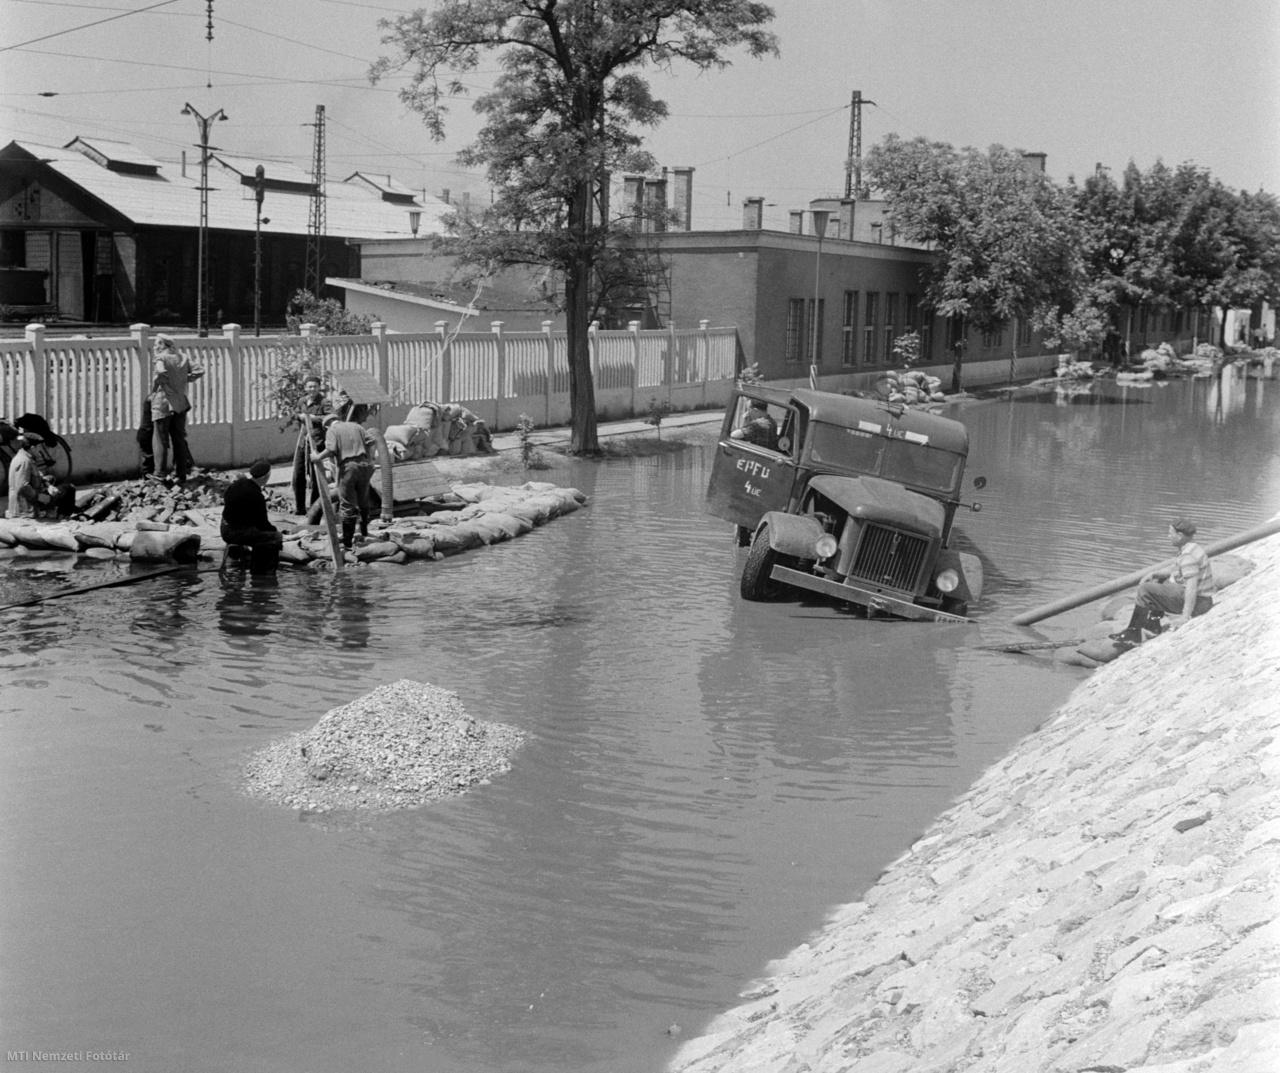 Vízzel elöntött utca és elakadt teherautó a vasútállomásnál Komárom és Szőny között a Duna folyó áradása miatt 1965. június 16-án. Ezen a szakaszon a magas vízállás miatt a folyó felőli vágányon homokzsákok zárják el mintegy 400 méteres szakaszon a vizet. A Magyar Államvasutak (MÁV) több mint 3 ezer emberrel védi a vasútvonalat és a komáromi pályaudvart hogy továbbra is közlekedhessenek ezen a szakaszon a hazai és a nemzetközi vonatok. A személyi pályaudvar köré nyúlgátat vontak, a teherpályaudvaron mintegy 800 méteres szakaszon pedig szintén teljes erővel védekeznek.